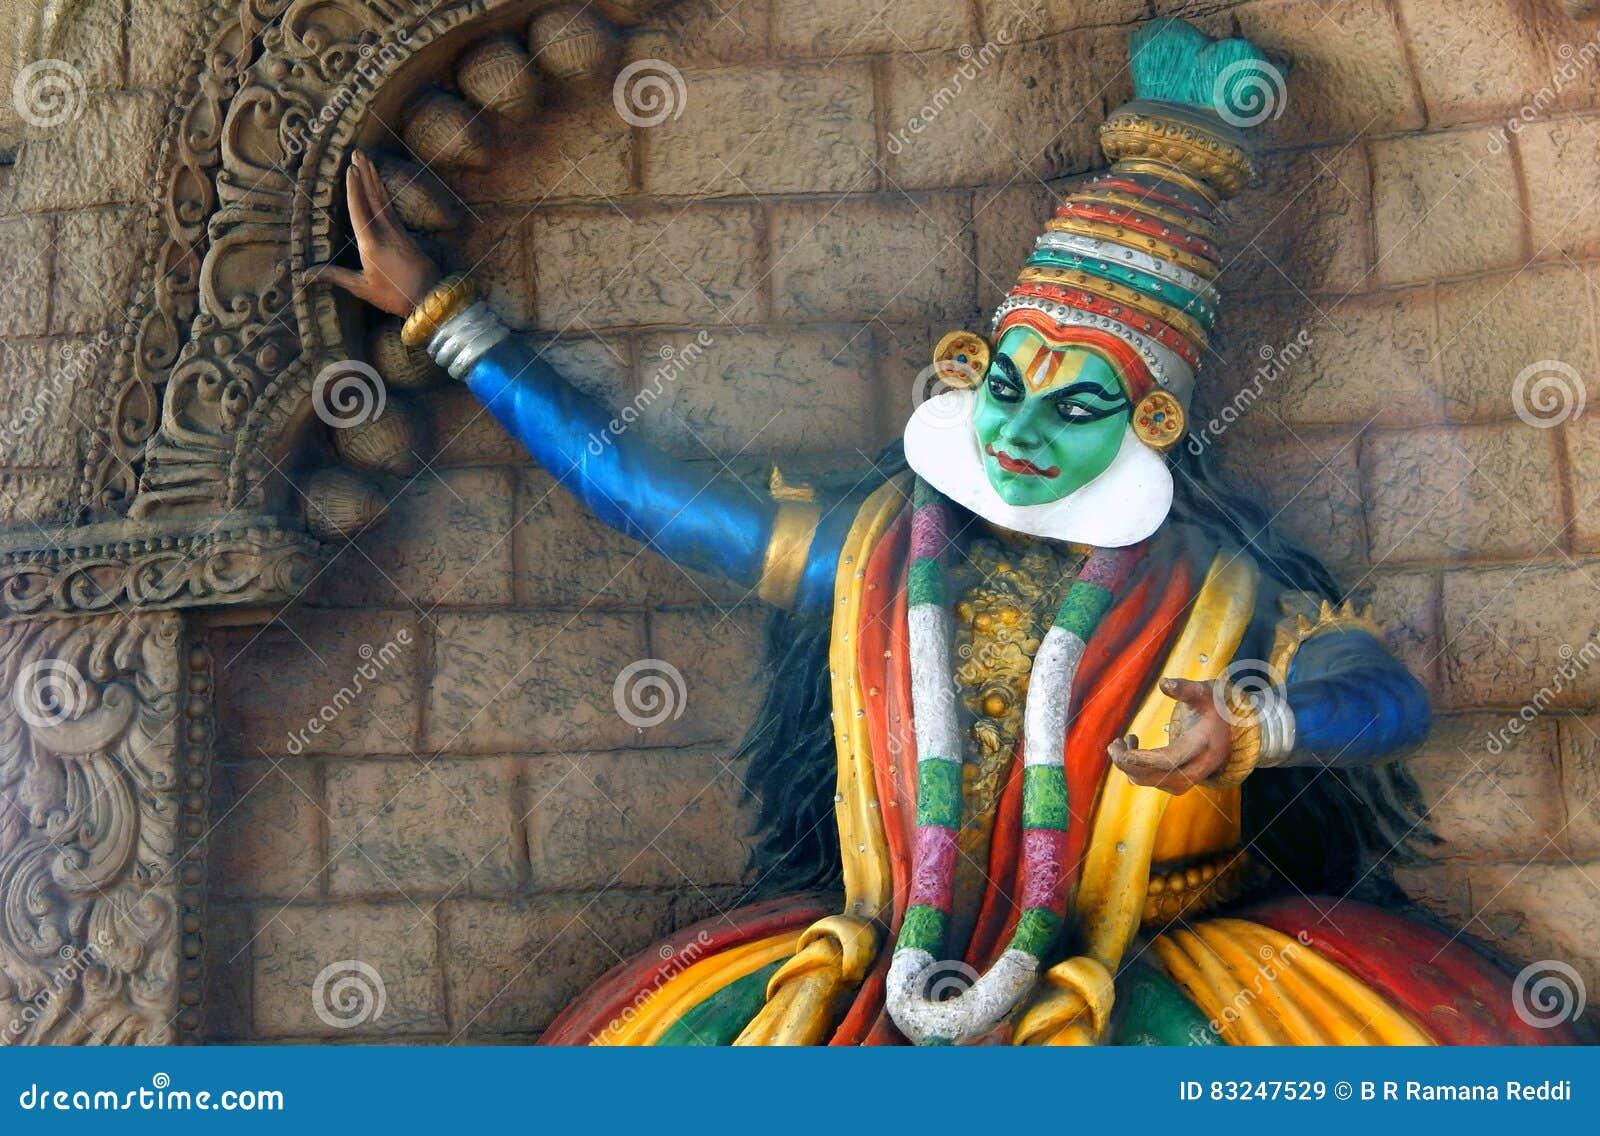 Wall för indierkerala traditionell Kathakali dansare konst